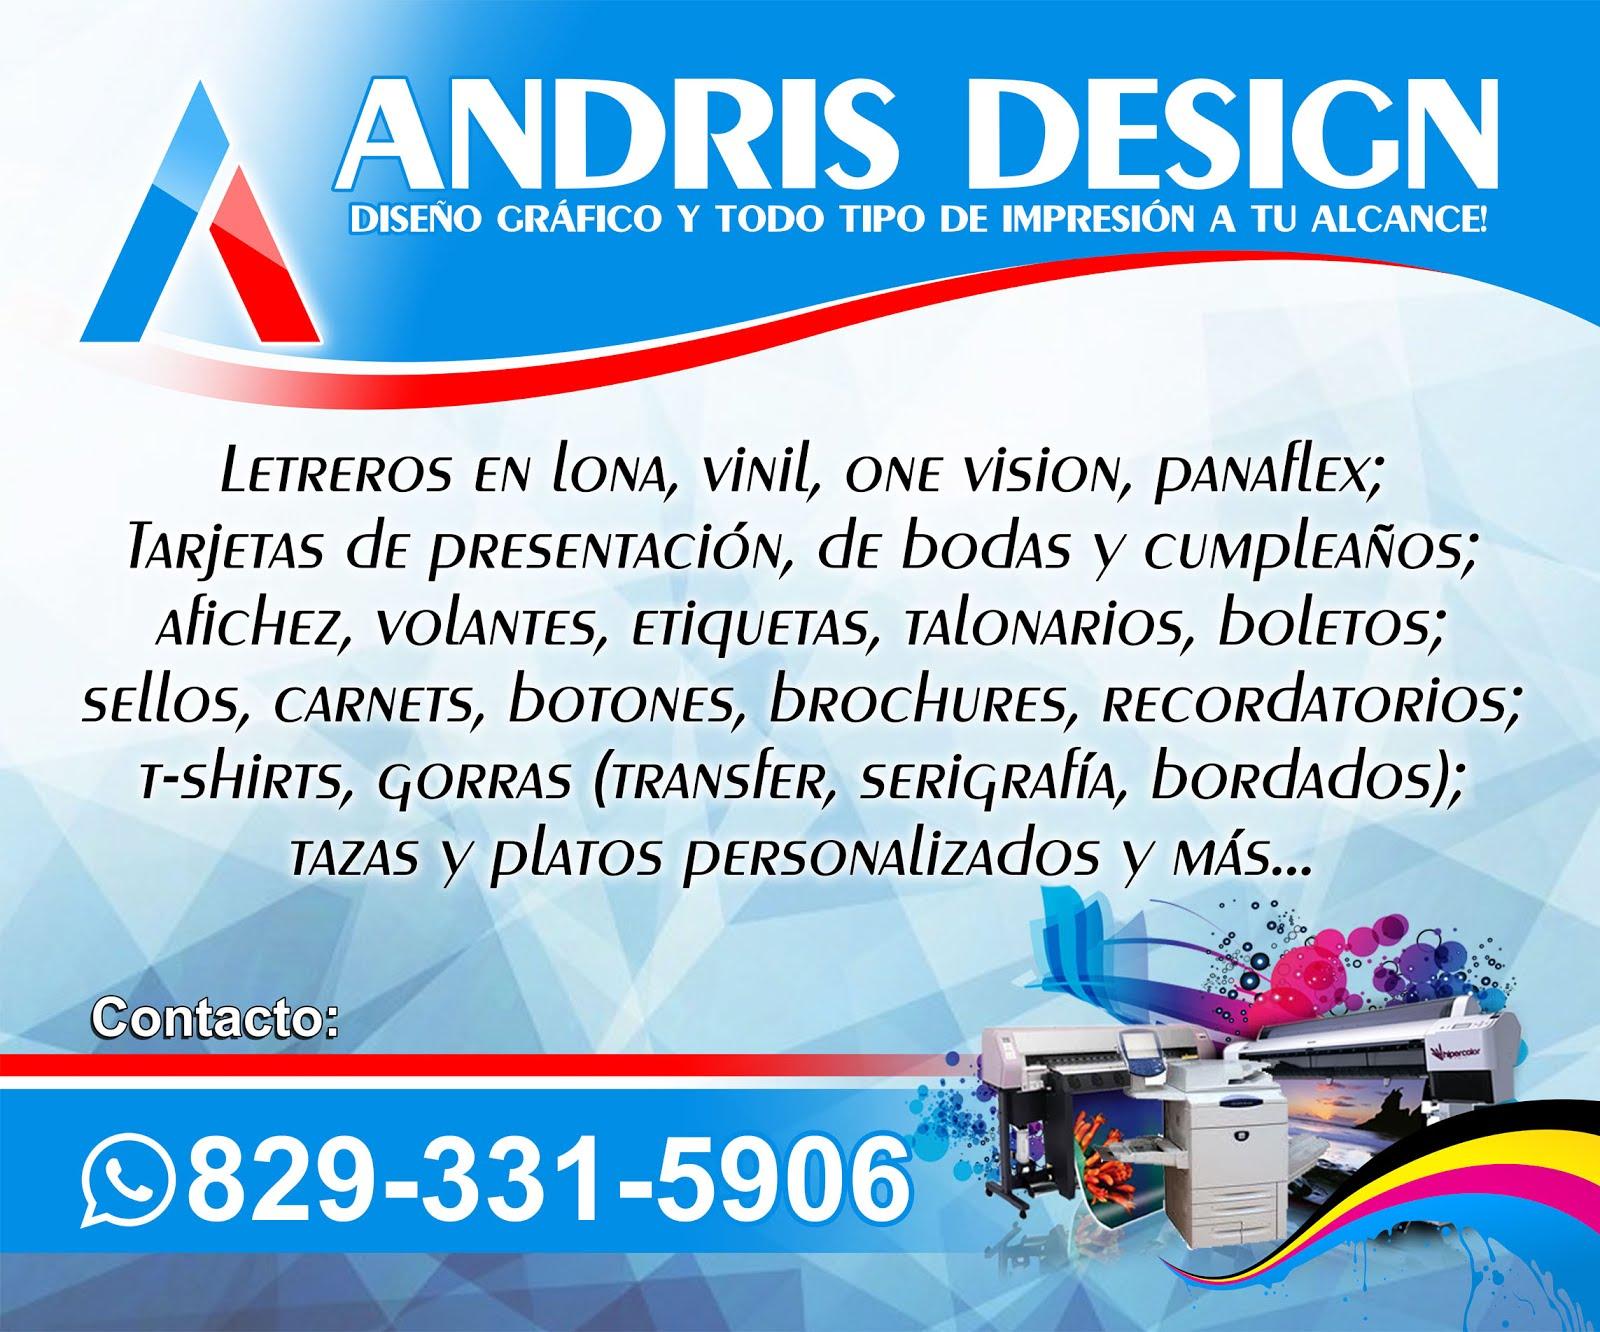 ANDRIS DESIGN